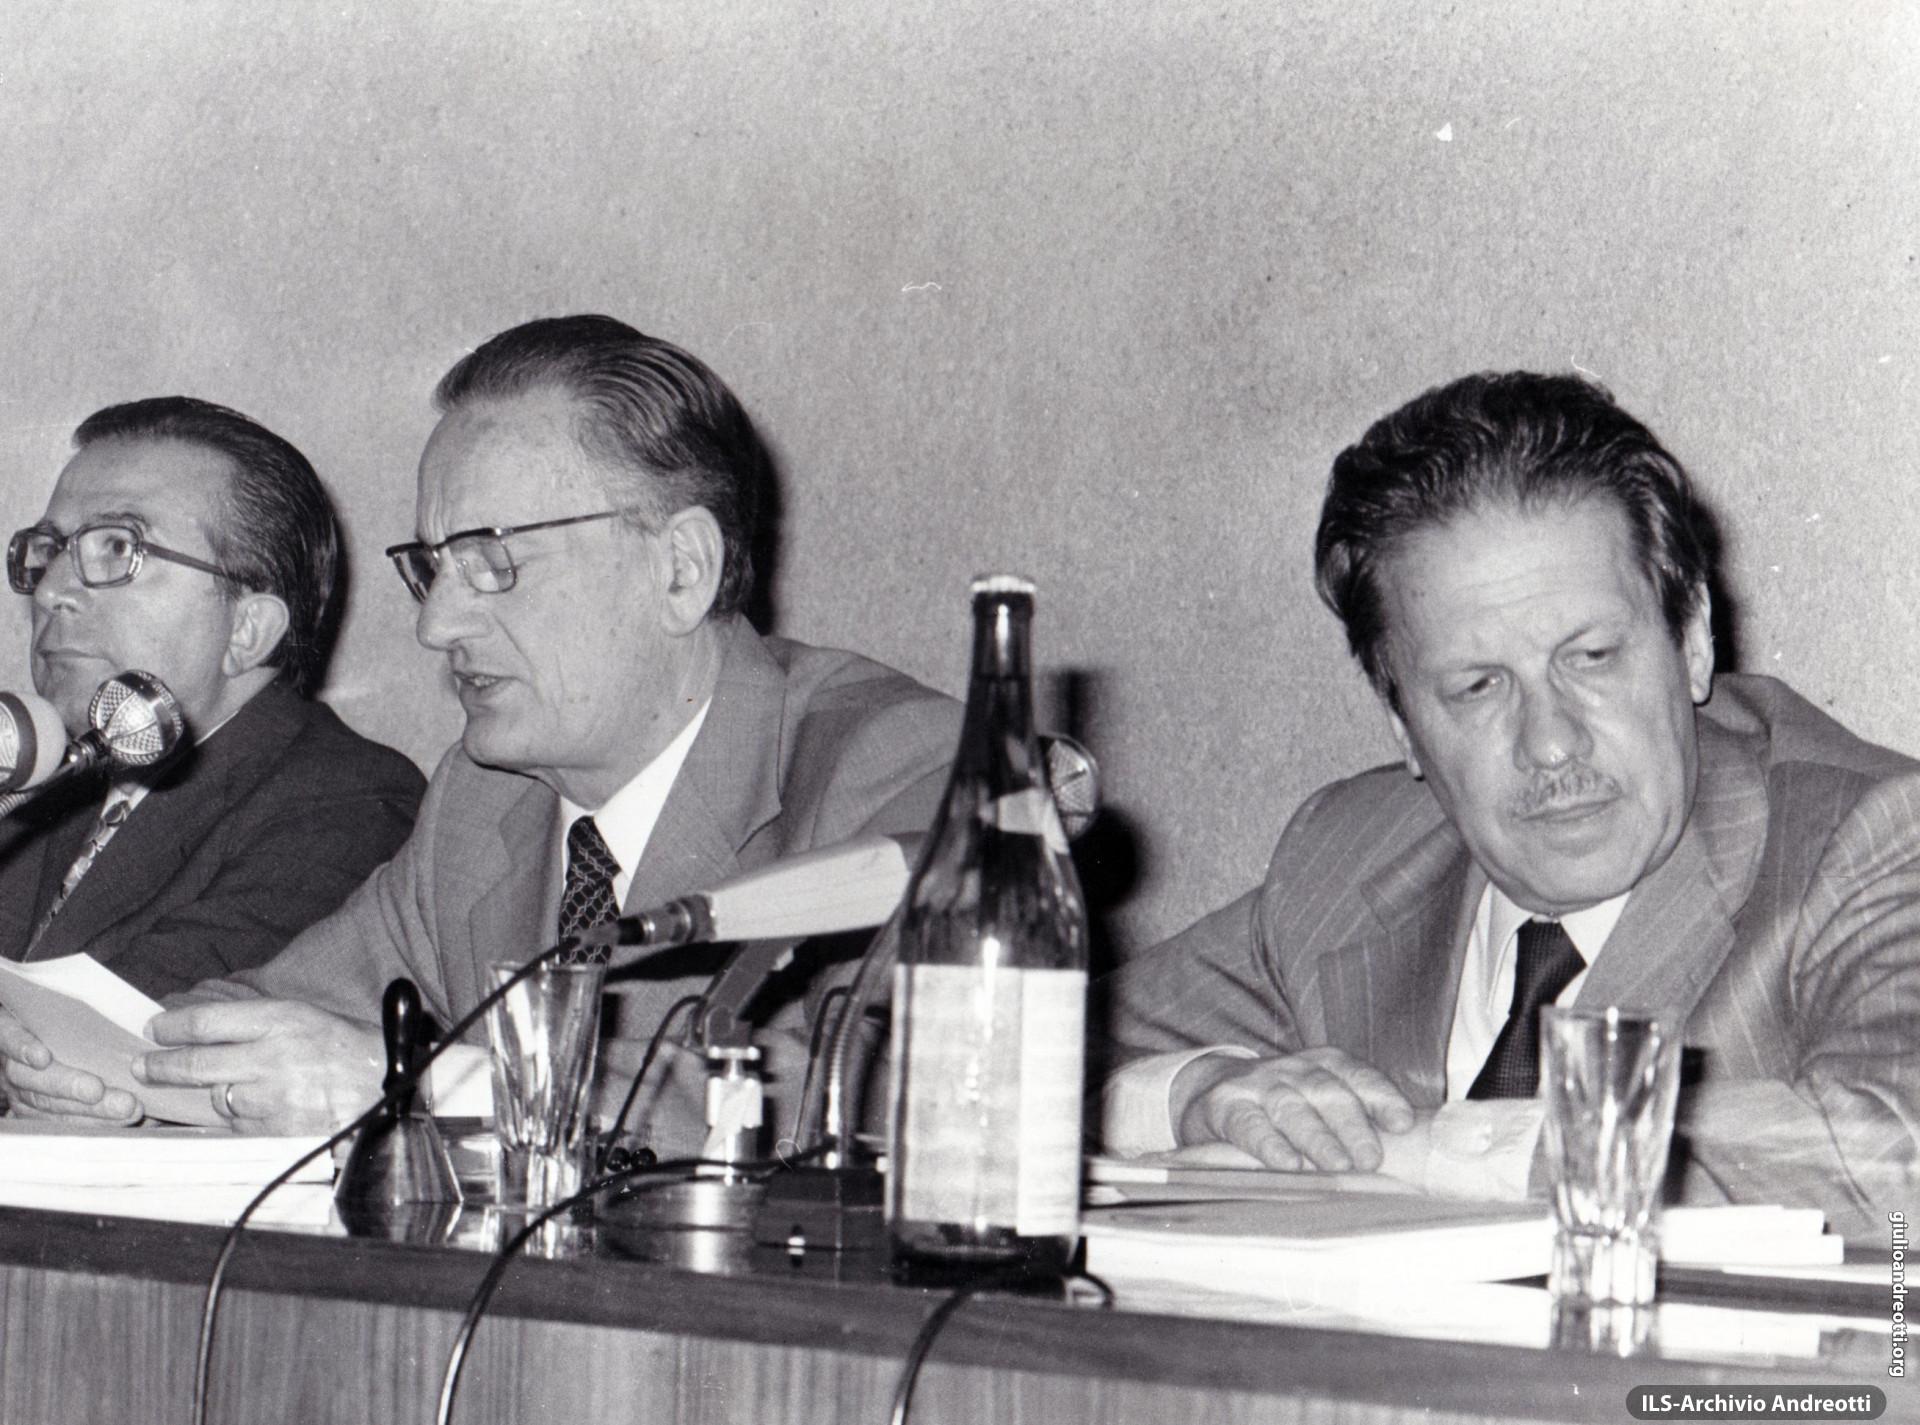 23 giugno 1979. Consiglio nazionale della DC dopo le elezioni del 3 giugno. Con Andreotti, Zaccagnini e Piccoli.